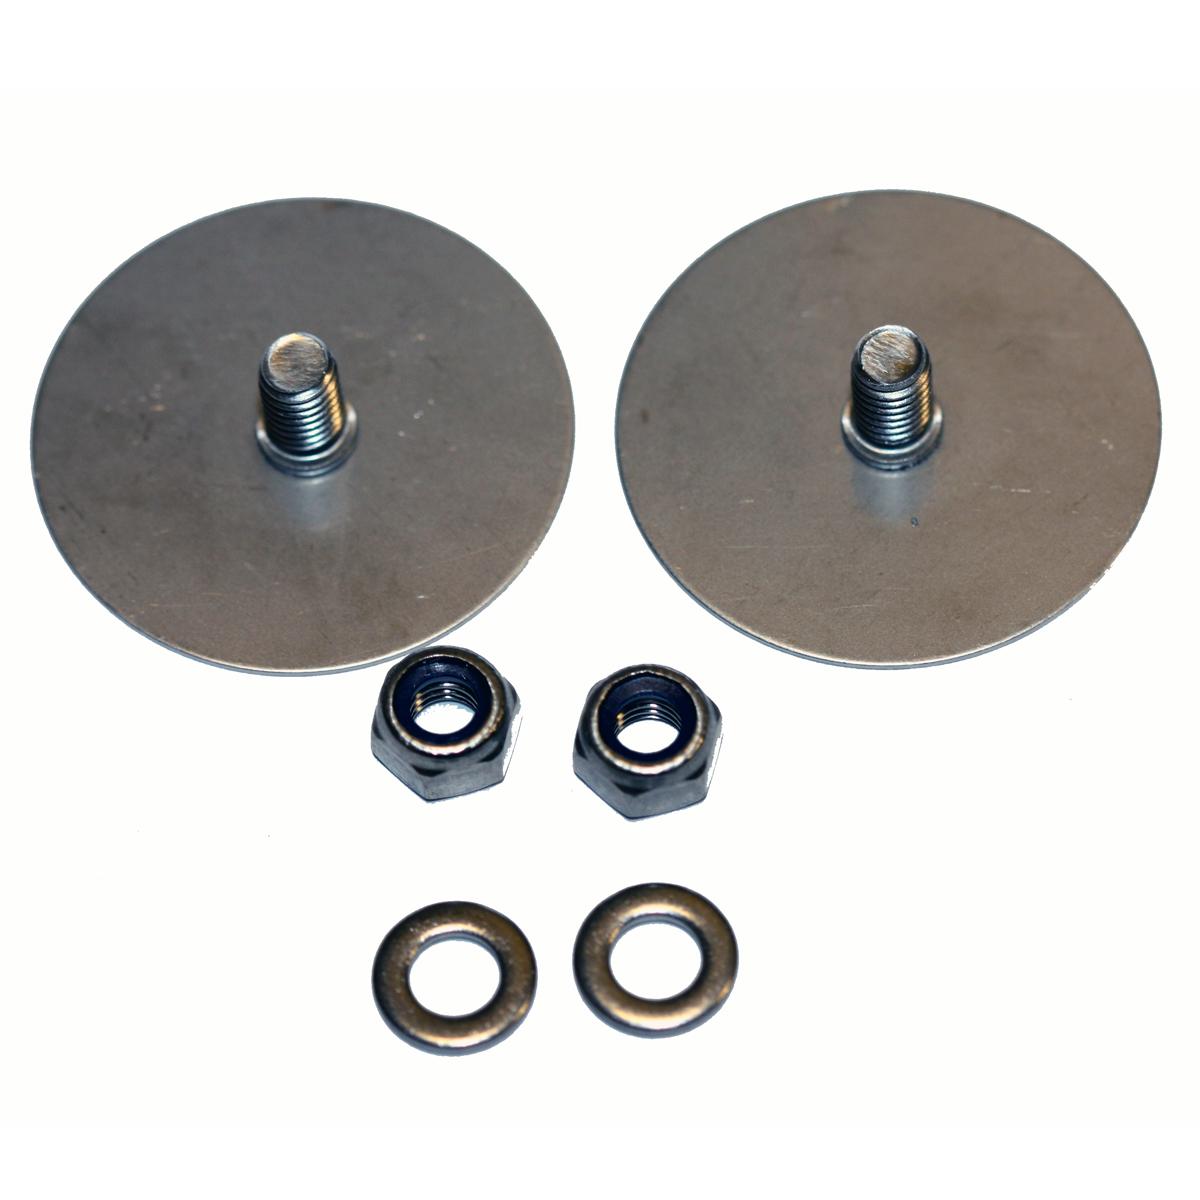 Standard lim/montage brickor – design4bath